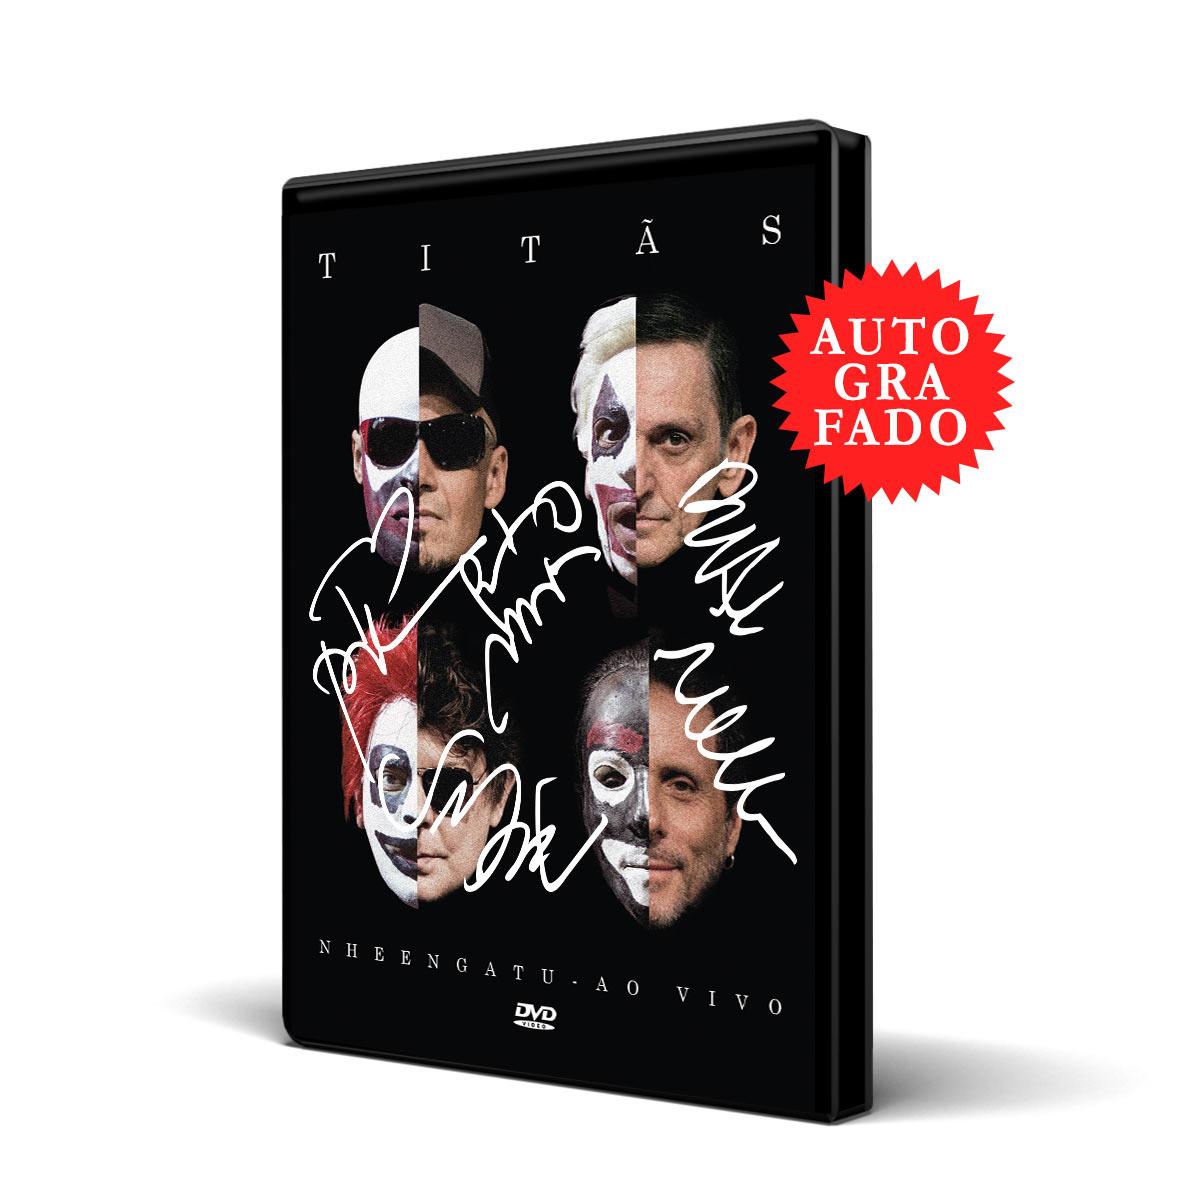 Pré-venda Combo Titãs DVD Nheengatu Ao Vivo AUTOGRAFADO + Camiseta Feminina